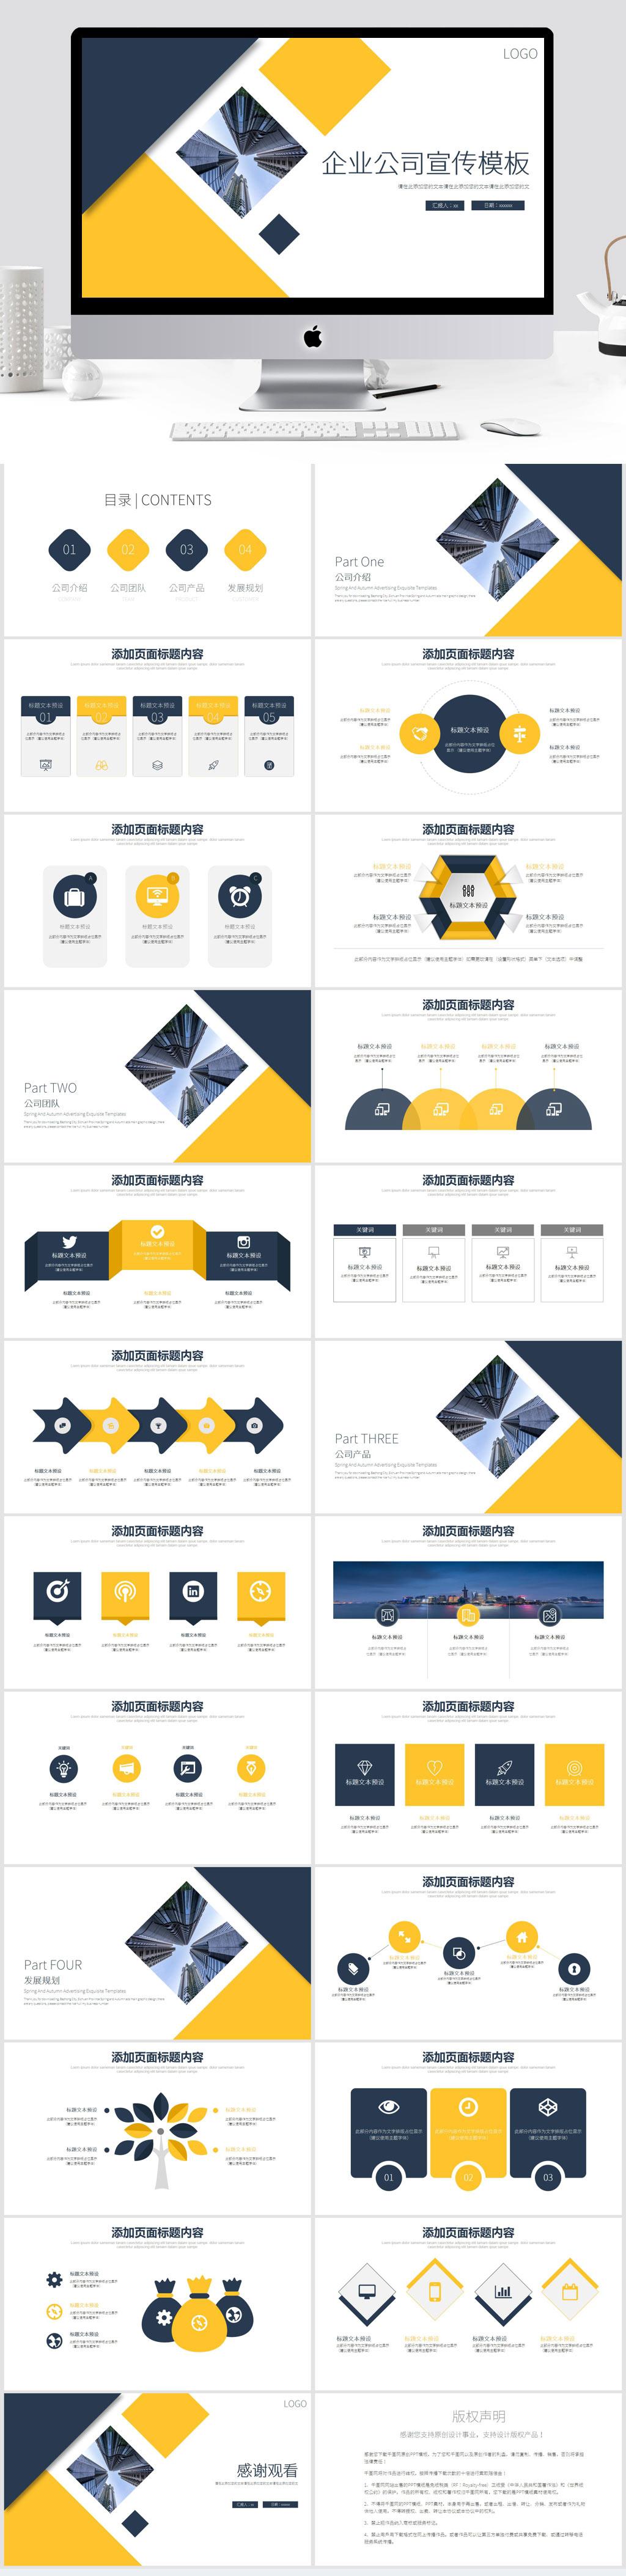 蓝黄几何简约企业公司宣传PPT模板